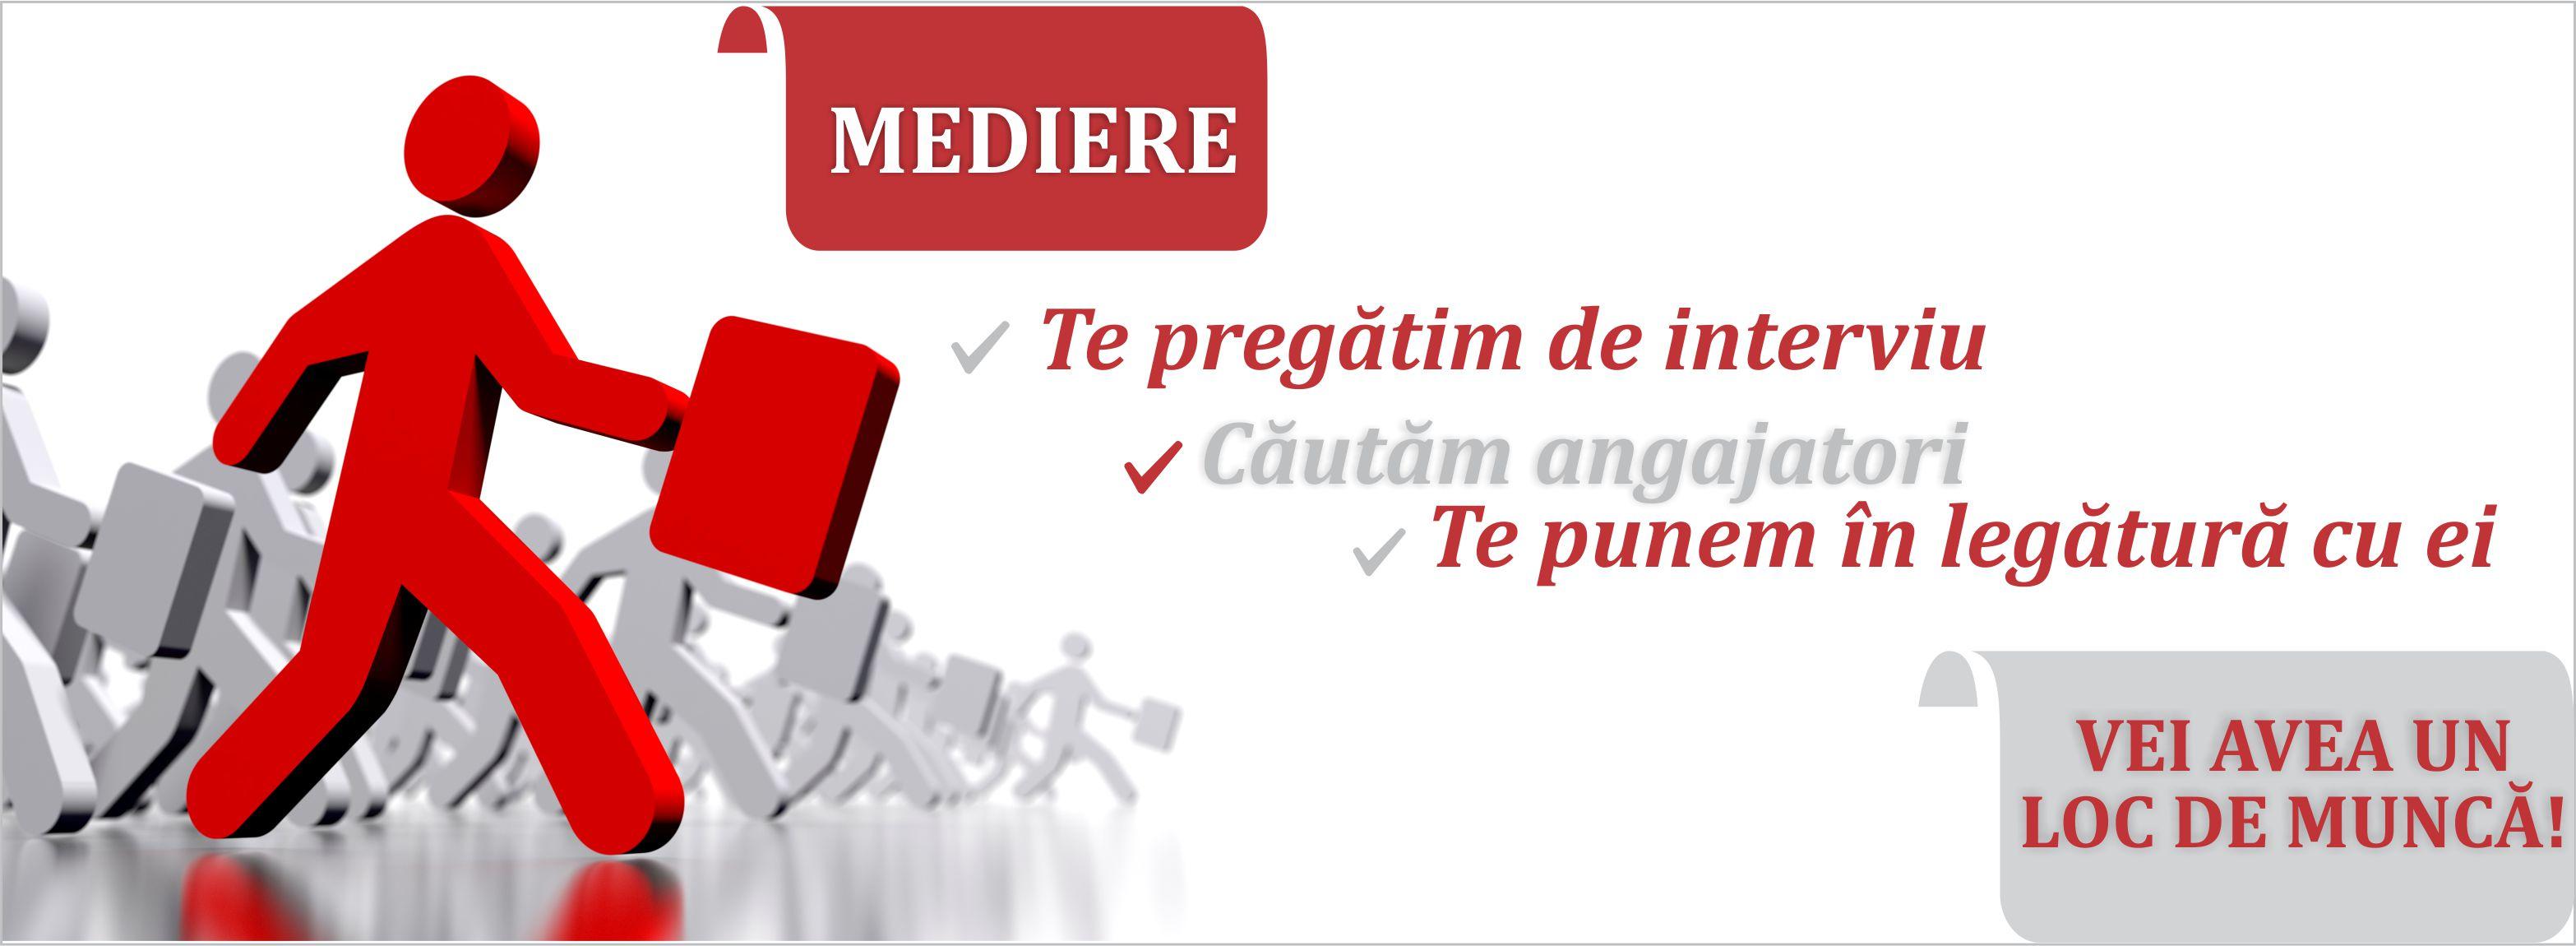 banner-mediere